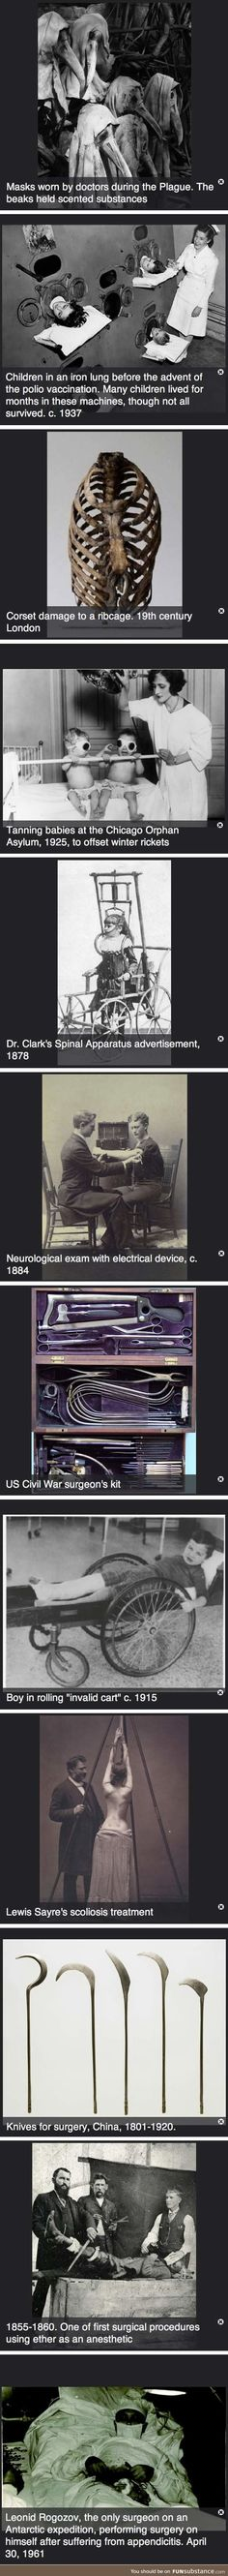 Old medical stuff